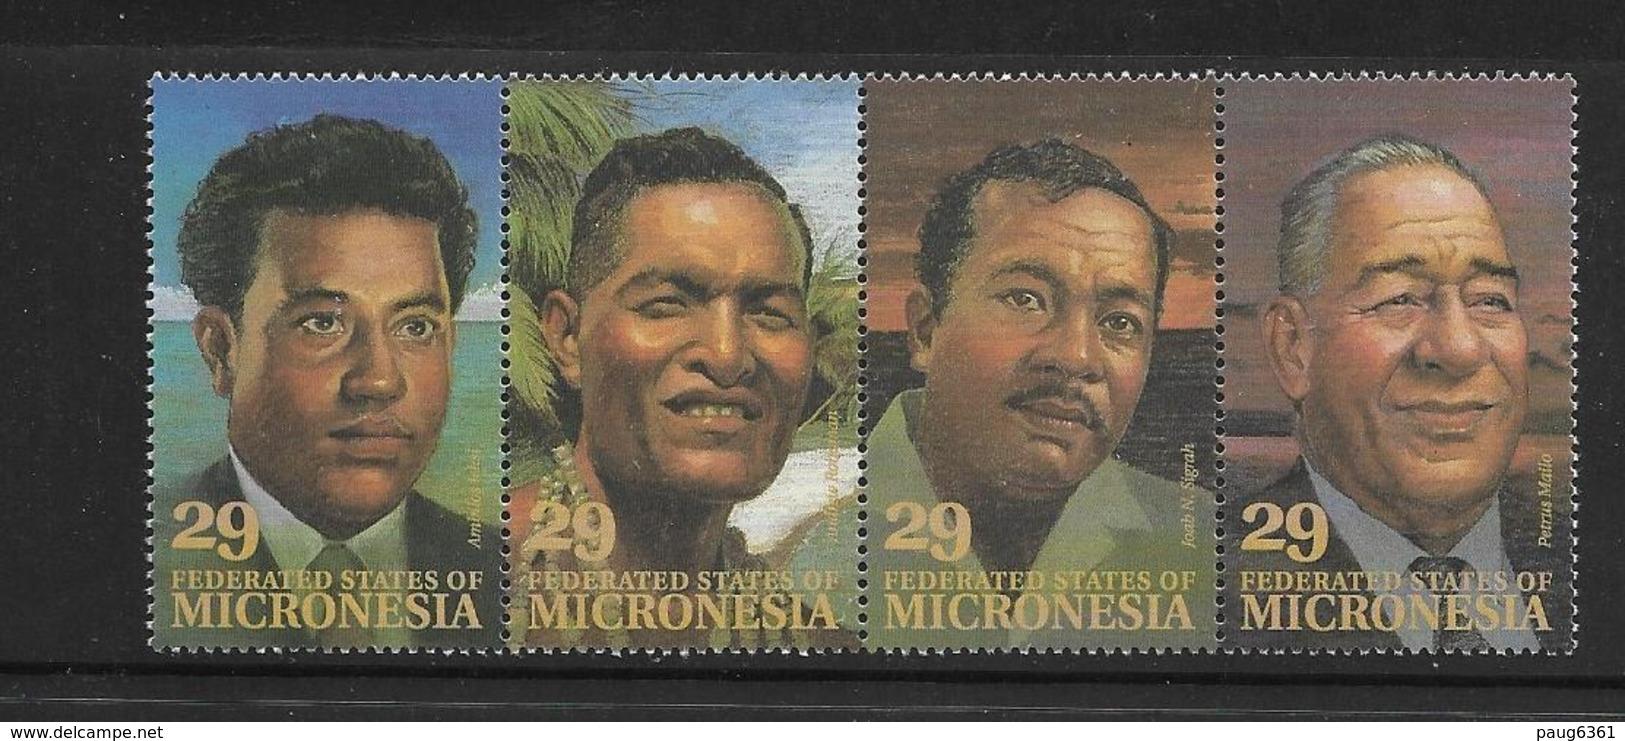 MICRONESIE 1993 DIRIGEANTS LOCAUX YVERT N°234/39 NEUF MNH** - Micronésie